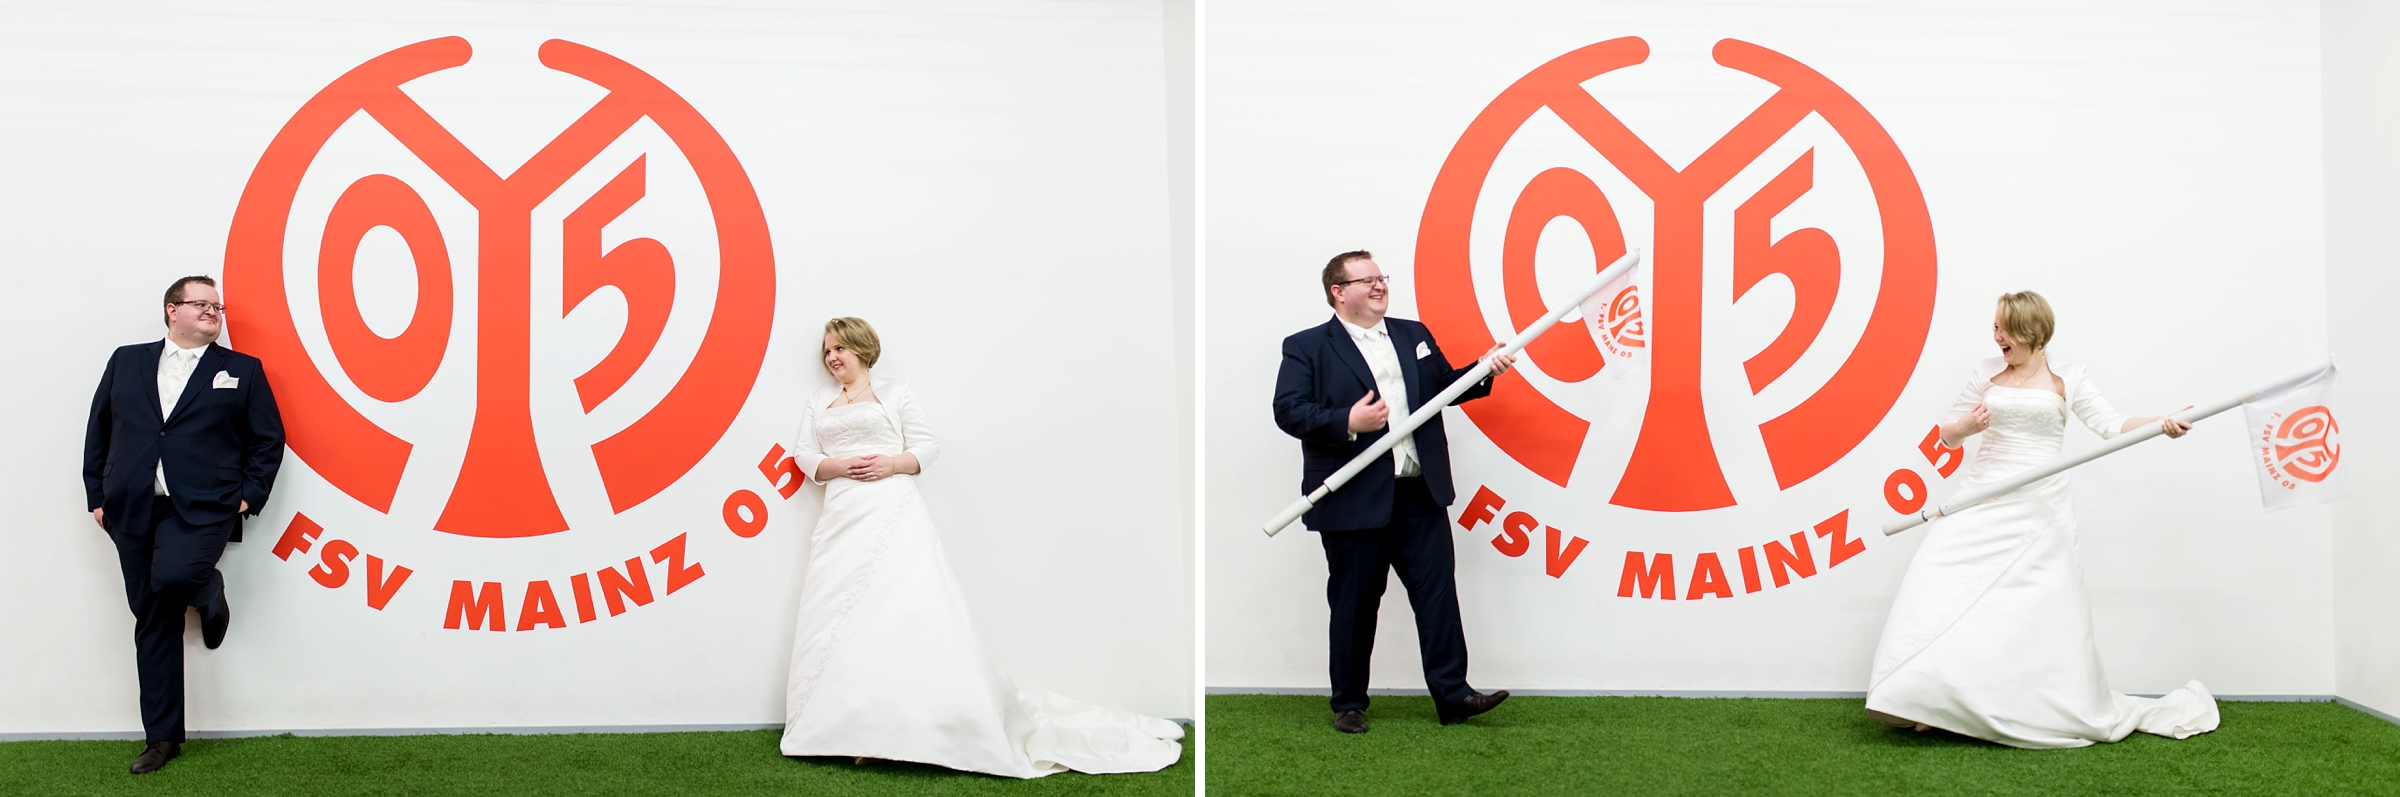 Hochzeitsfotograf-Mainz-05-Stadion-Aufwaermraum